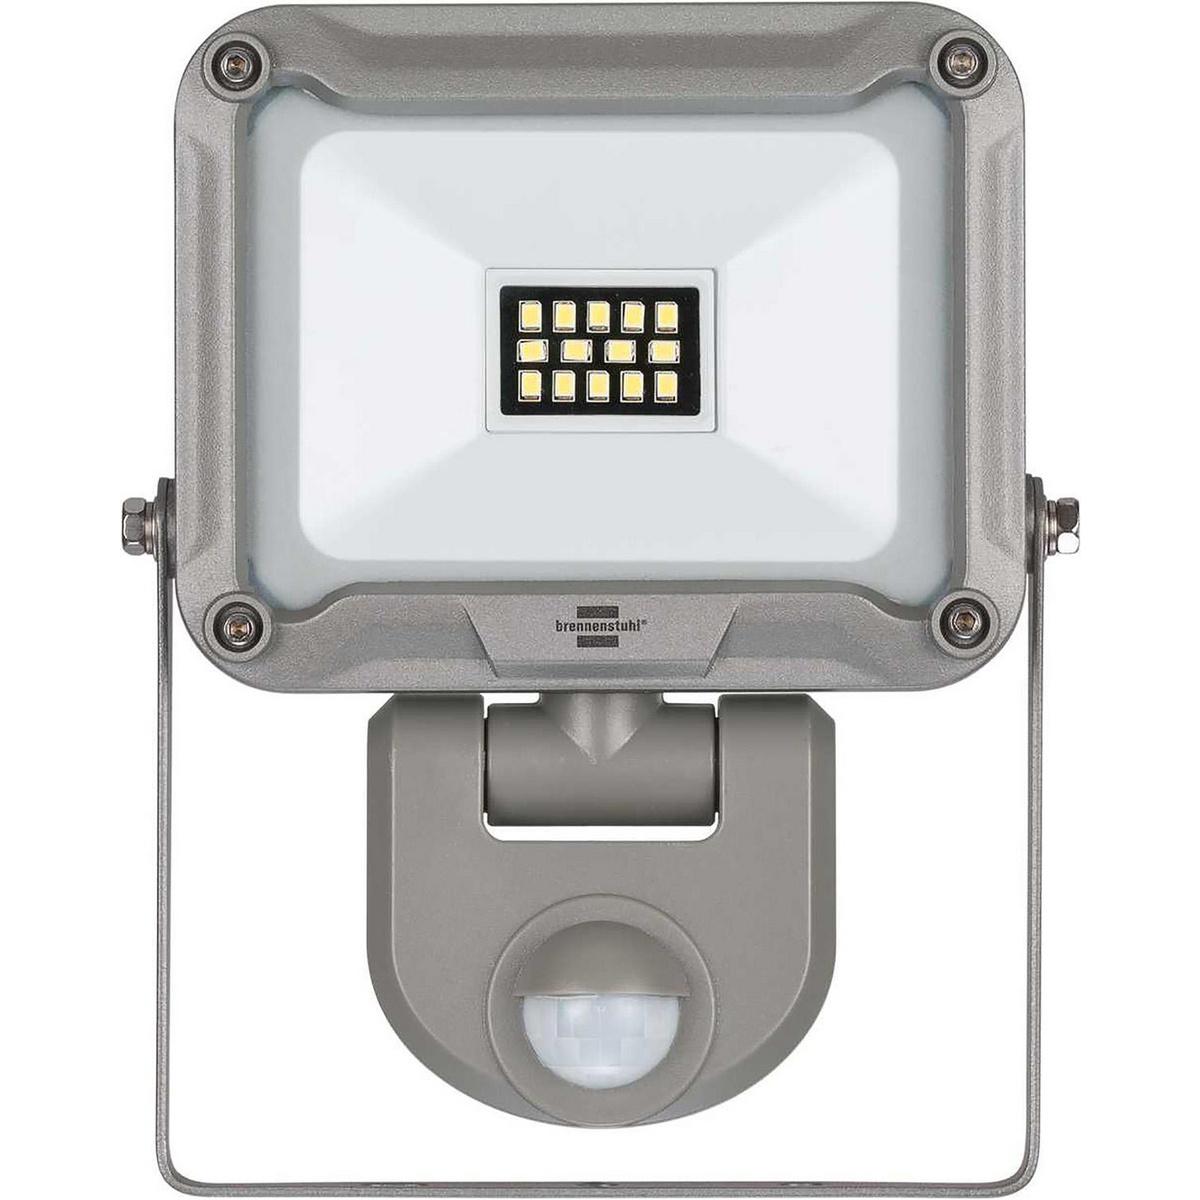 Geschikt voor installatie binnen en buiten, IP 44. 10 W high-power chip LED-licht voor wandmontage, met extra brede lichtverspreiding om een groot gebied te verlichten. Ideaal voor hobbyisten, werkplaatsen en bouwplaatsen. Verlicht automatisch ingangen,